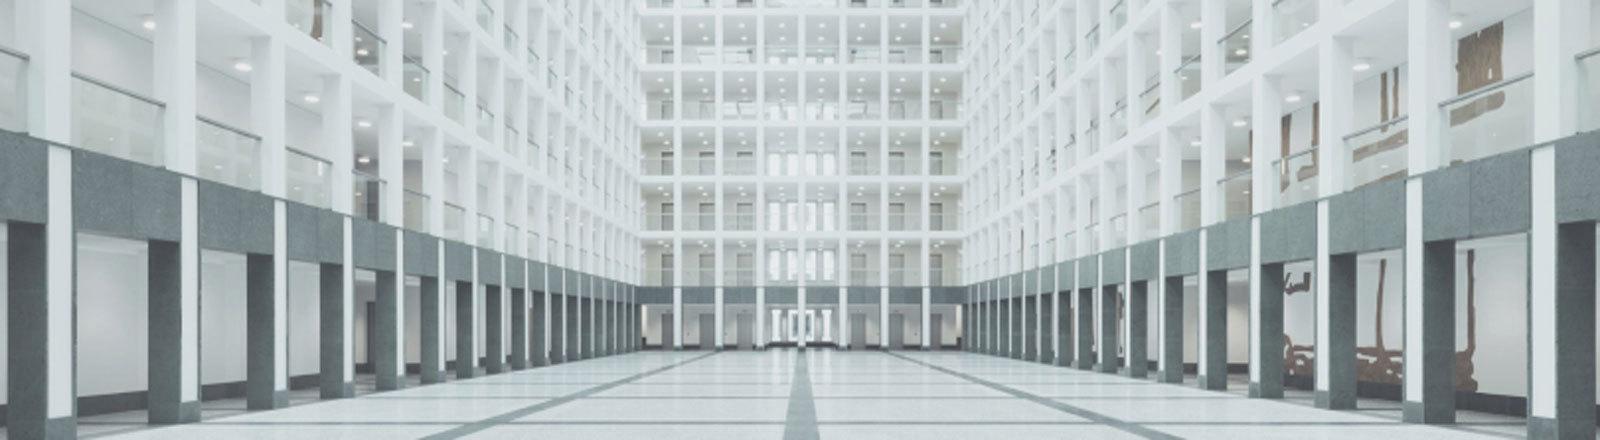 Atrium des neuen BND Gebäudes in Berlin.